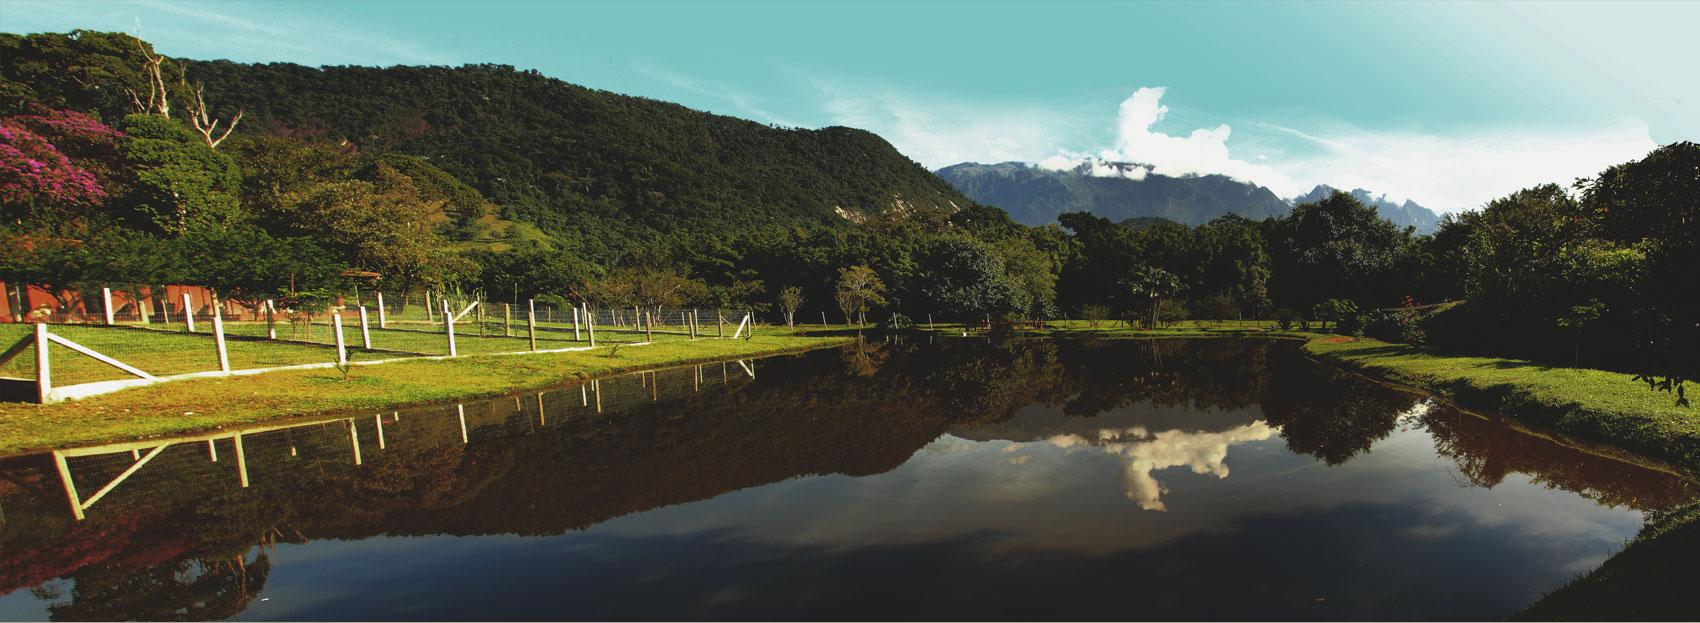 Tunghat's Resort: Quem Ama Hospeda Aqui.